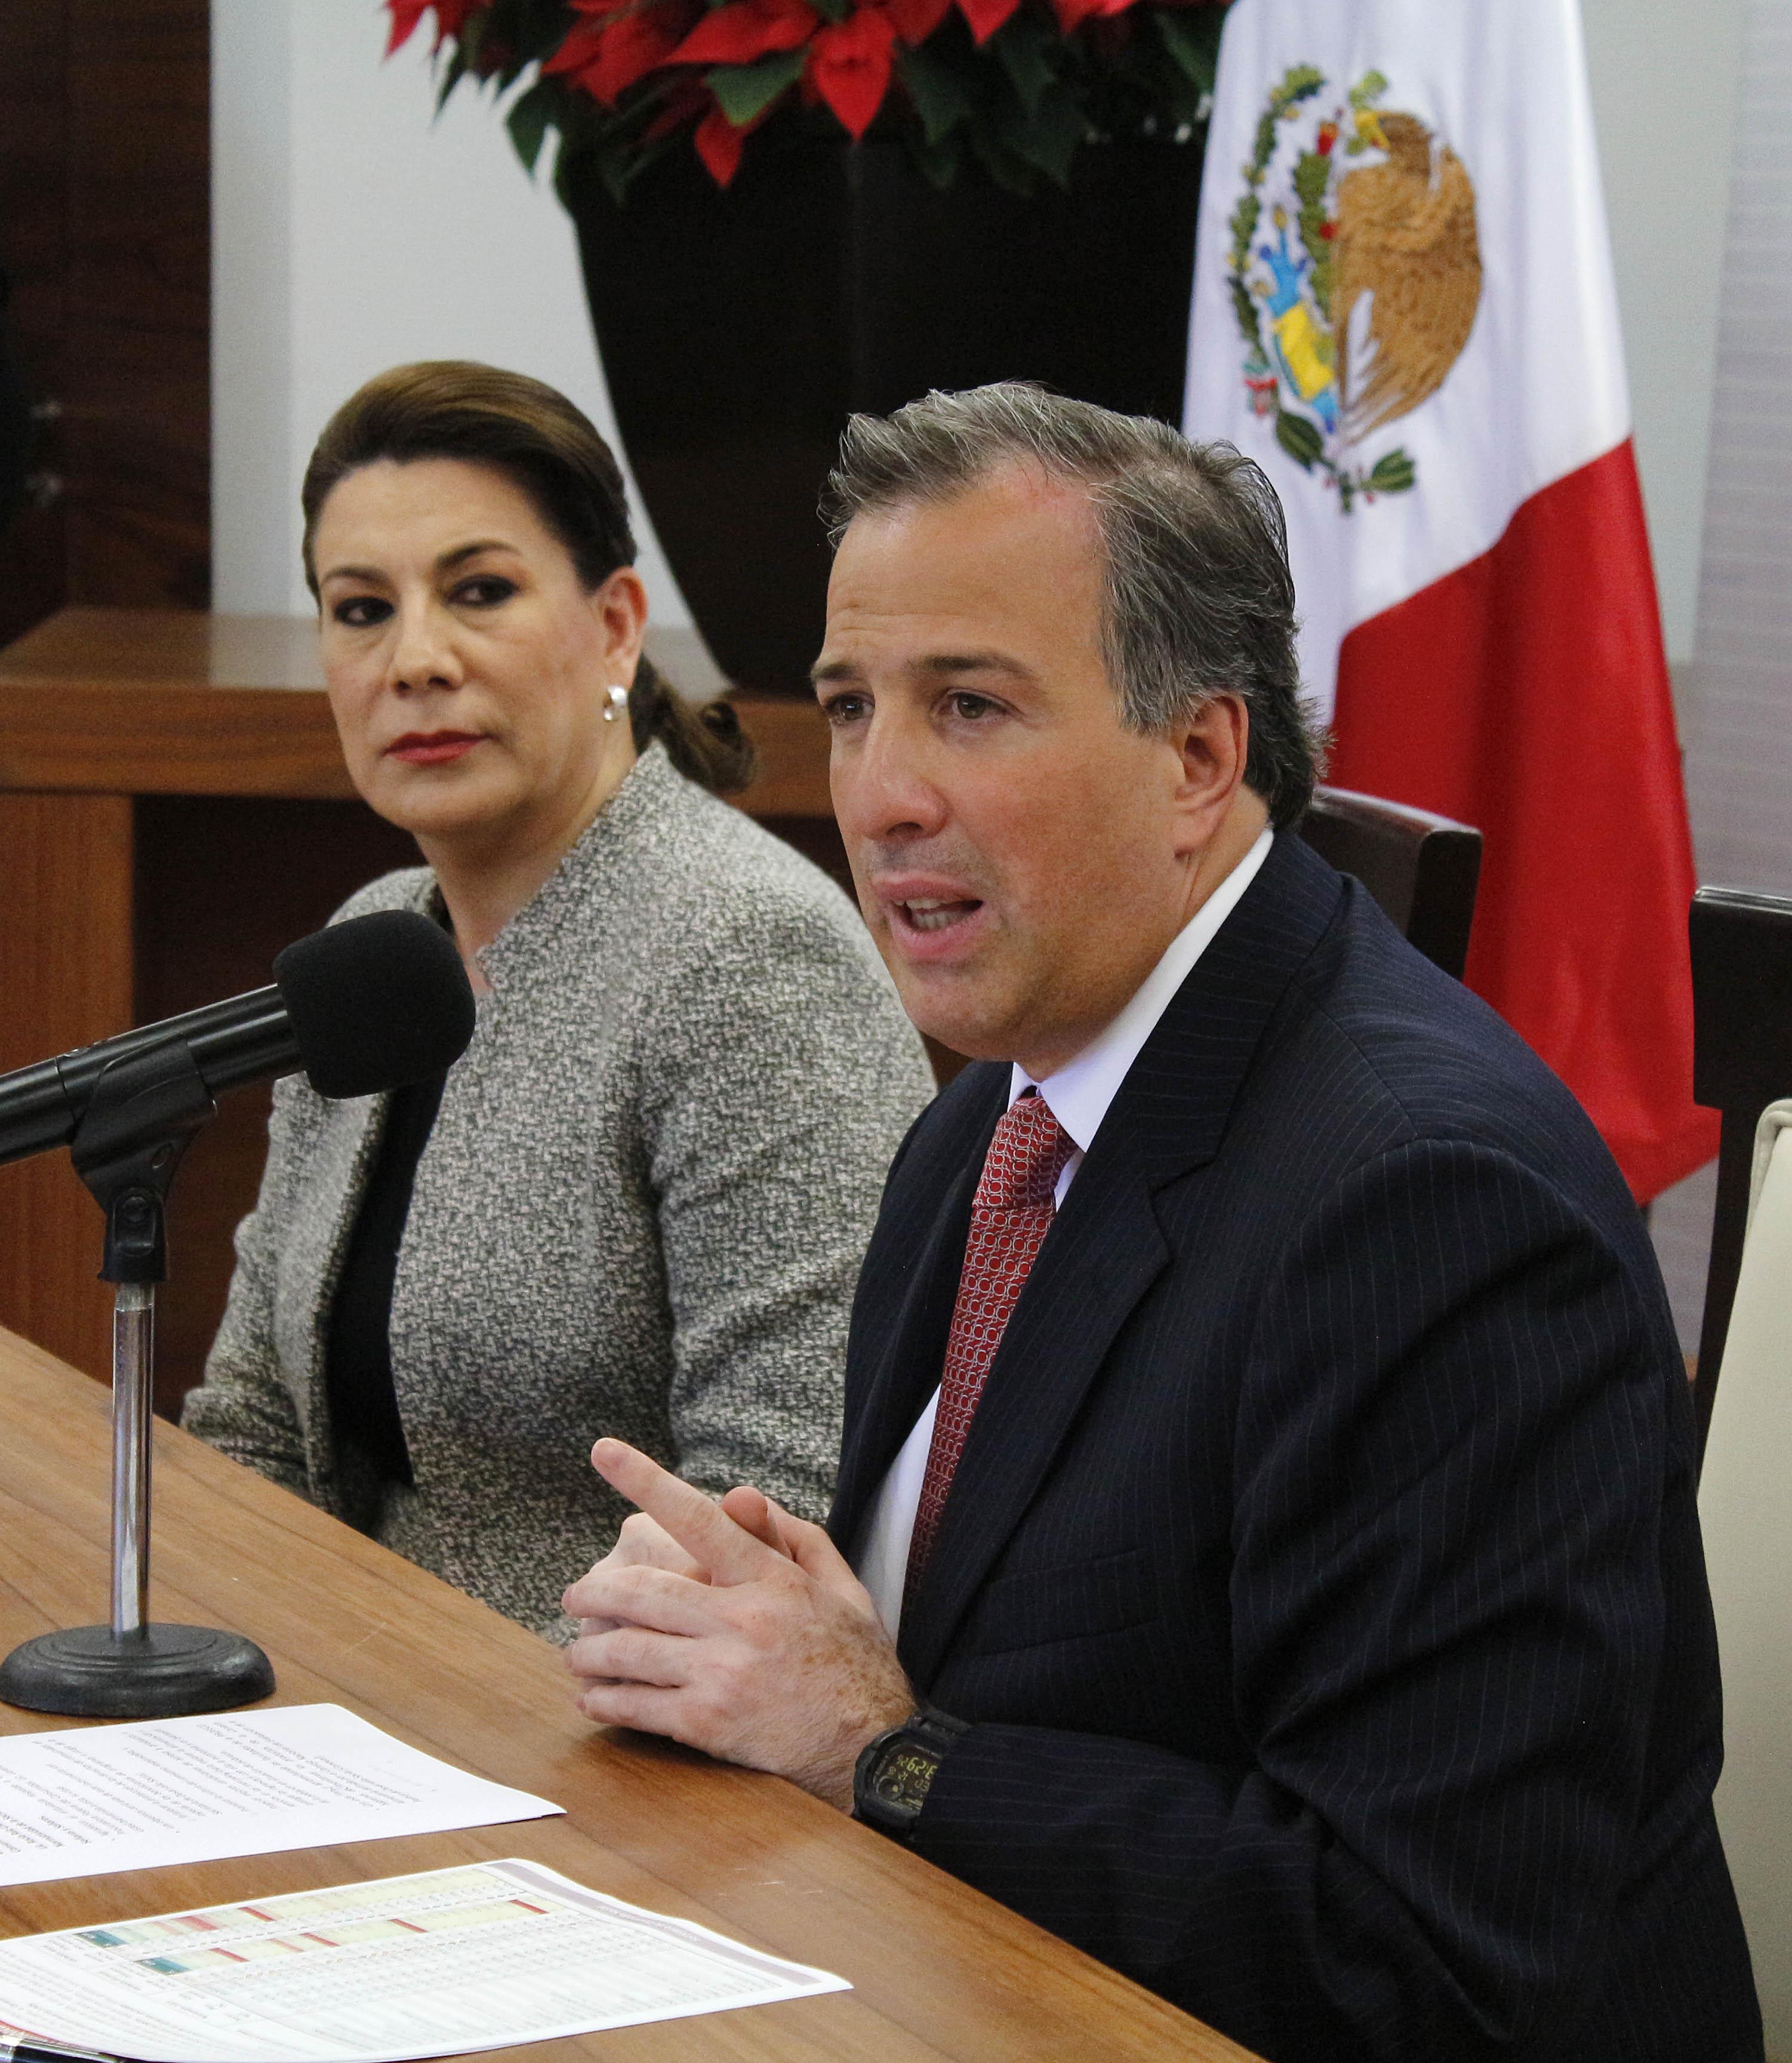 FOTO 3 El secretario Meade firm  con la titular de la Profeco  Lorena Mart nez  el Convenio de Coordinaci n  Por la estabilidad en los precios de los alimentos b sicos jpg